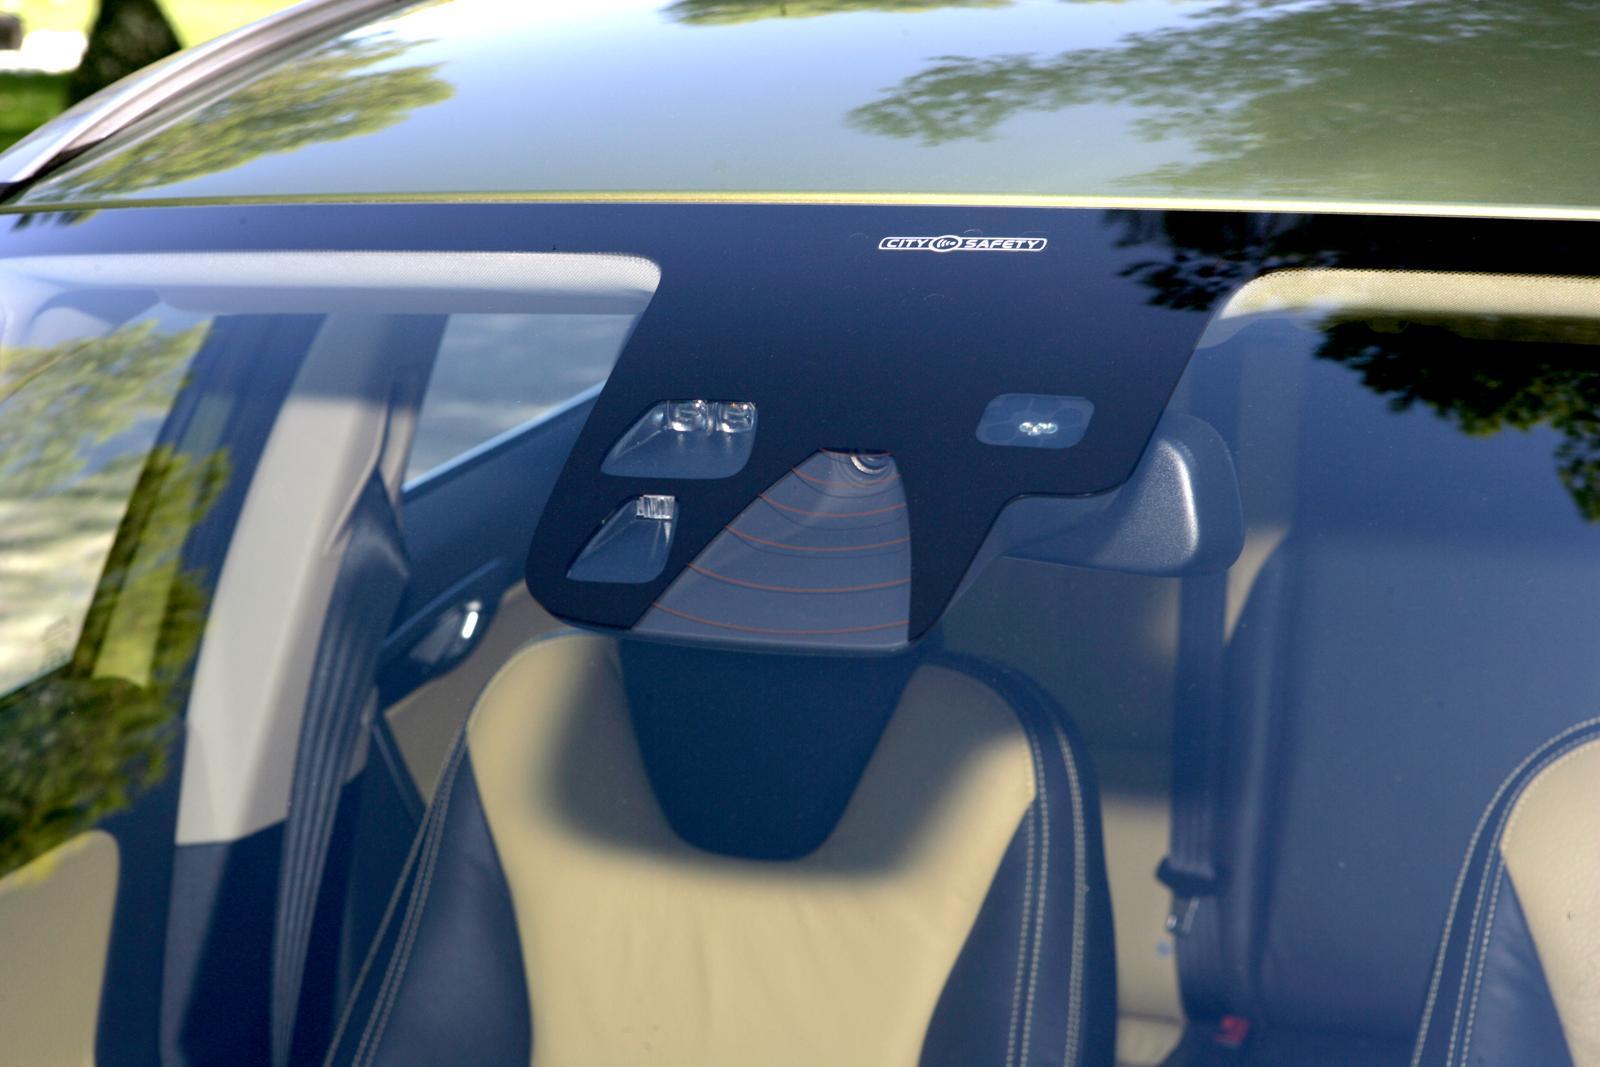 I vindrutan, nakom backspegeln, sitter det som styr mycket av Volvos system.